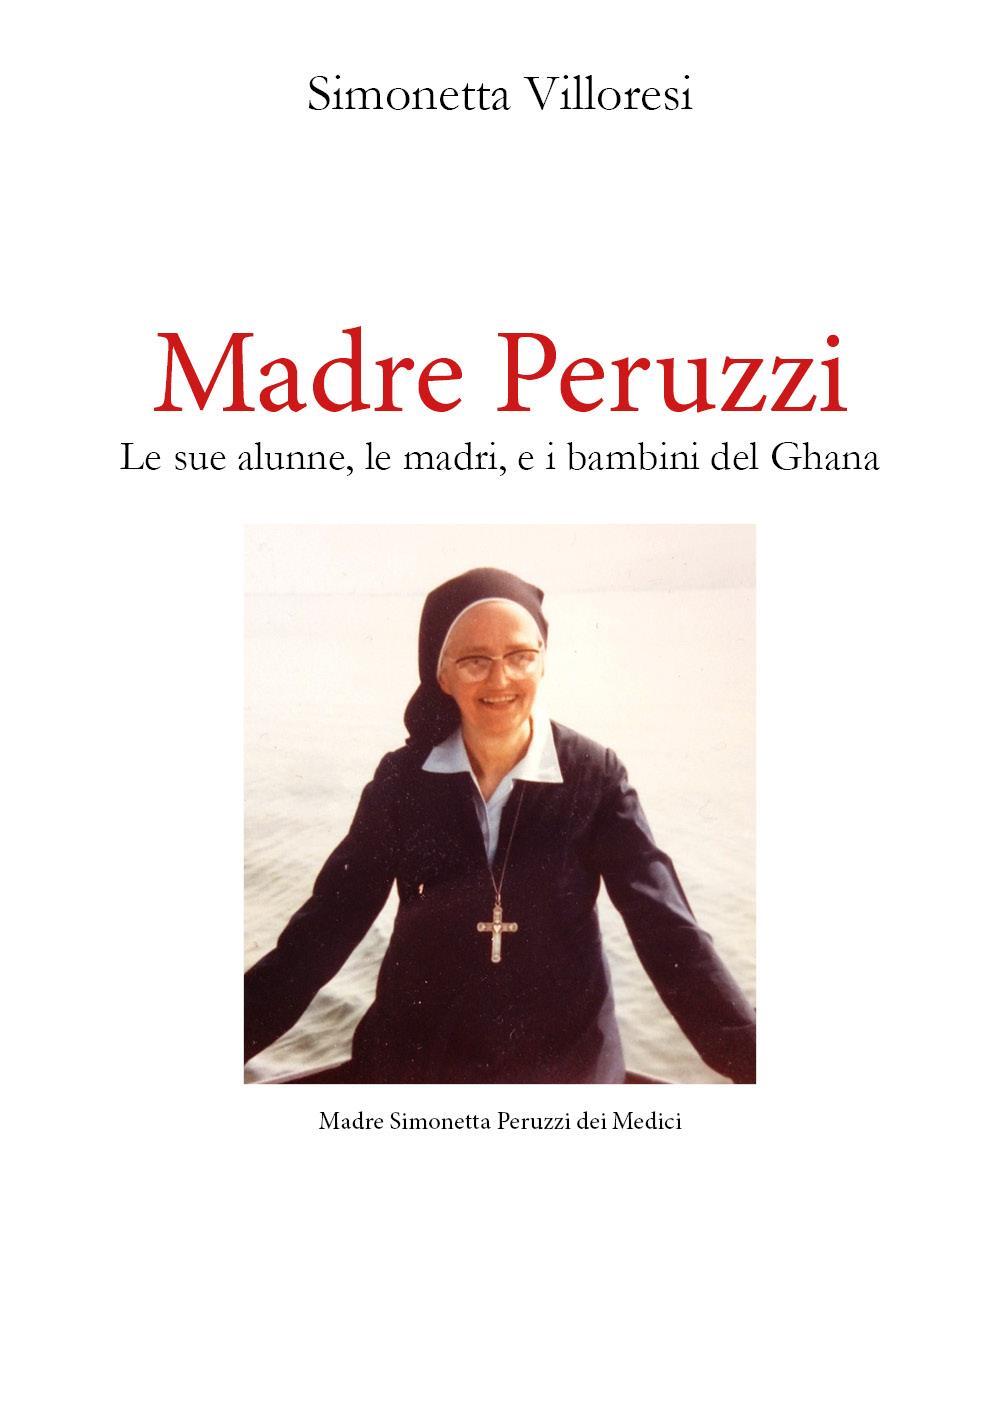 Madre Peruzzi